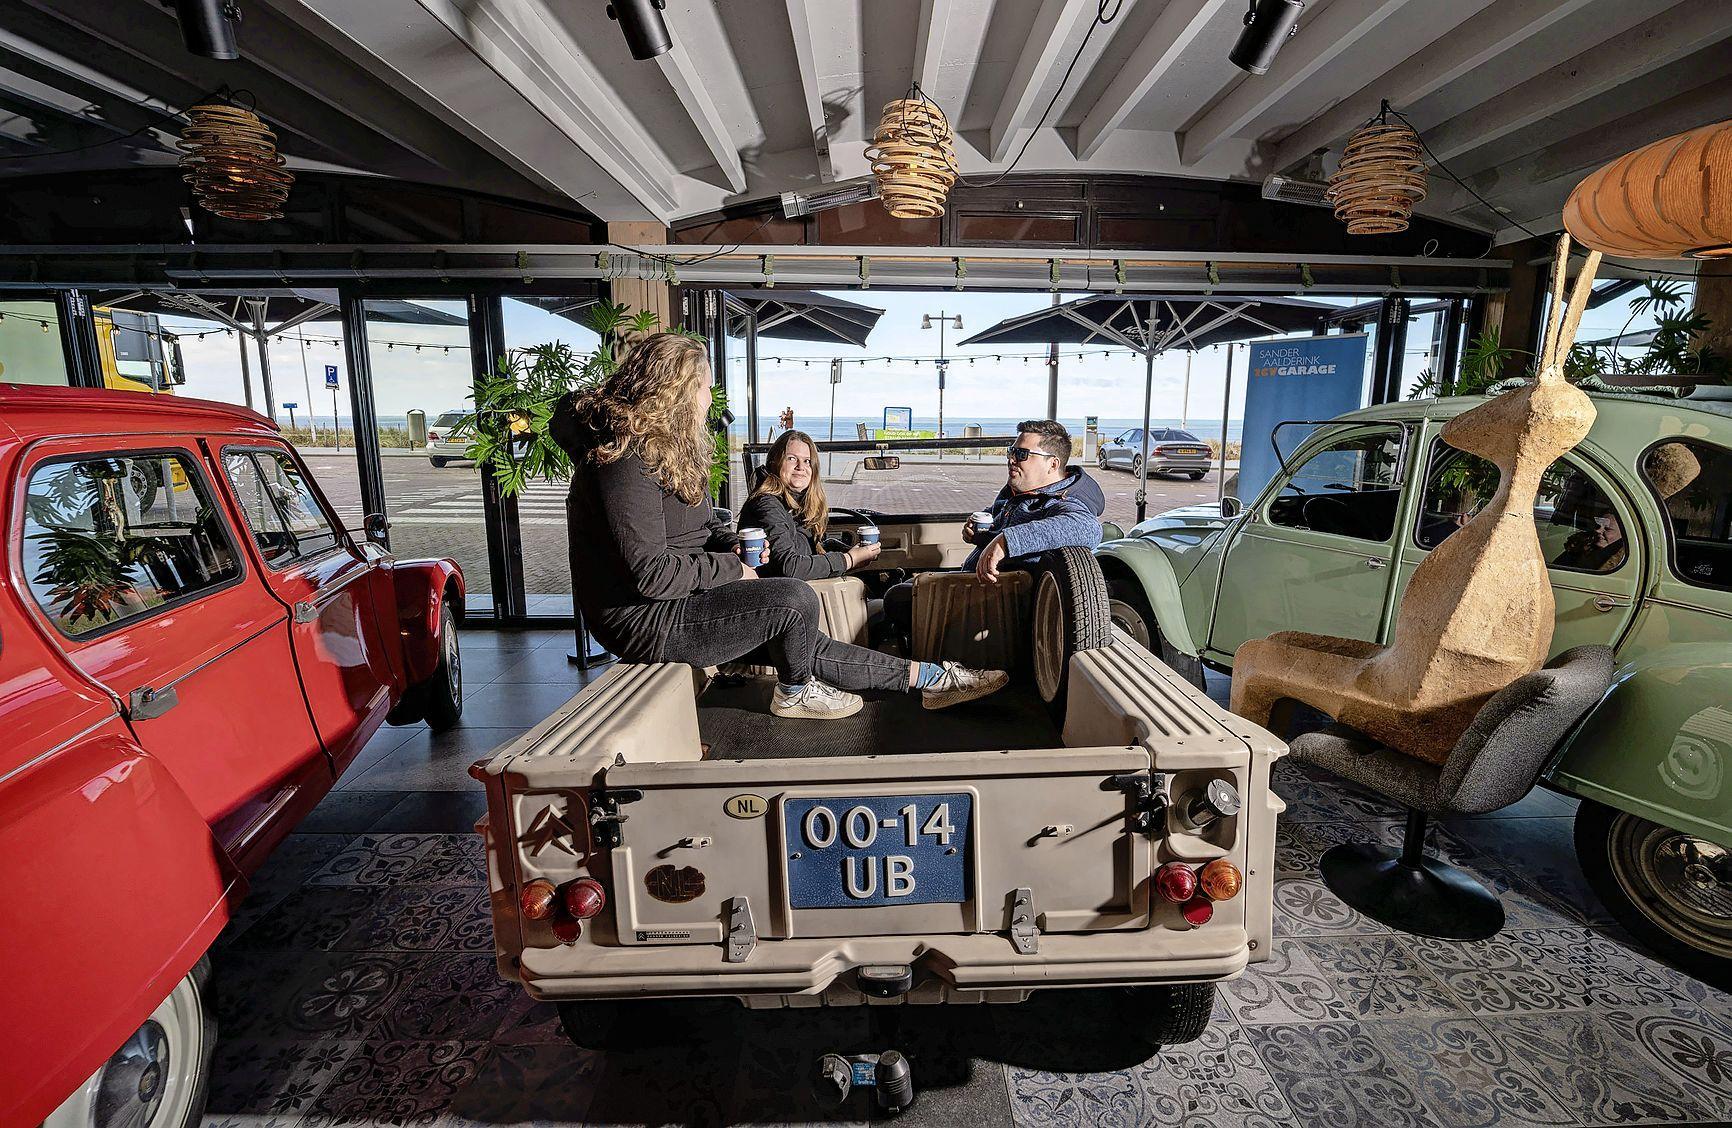 Staan daar nu auto's in een restaurant? Bij Eazee in Egmond kun je een kopje koffie drinken in een oldtimer, met uitzicht op zee